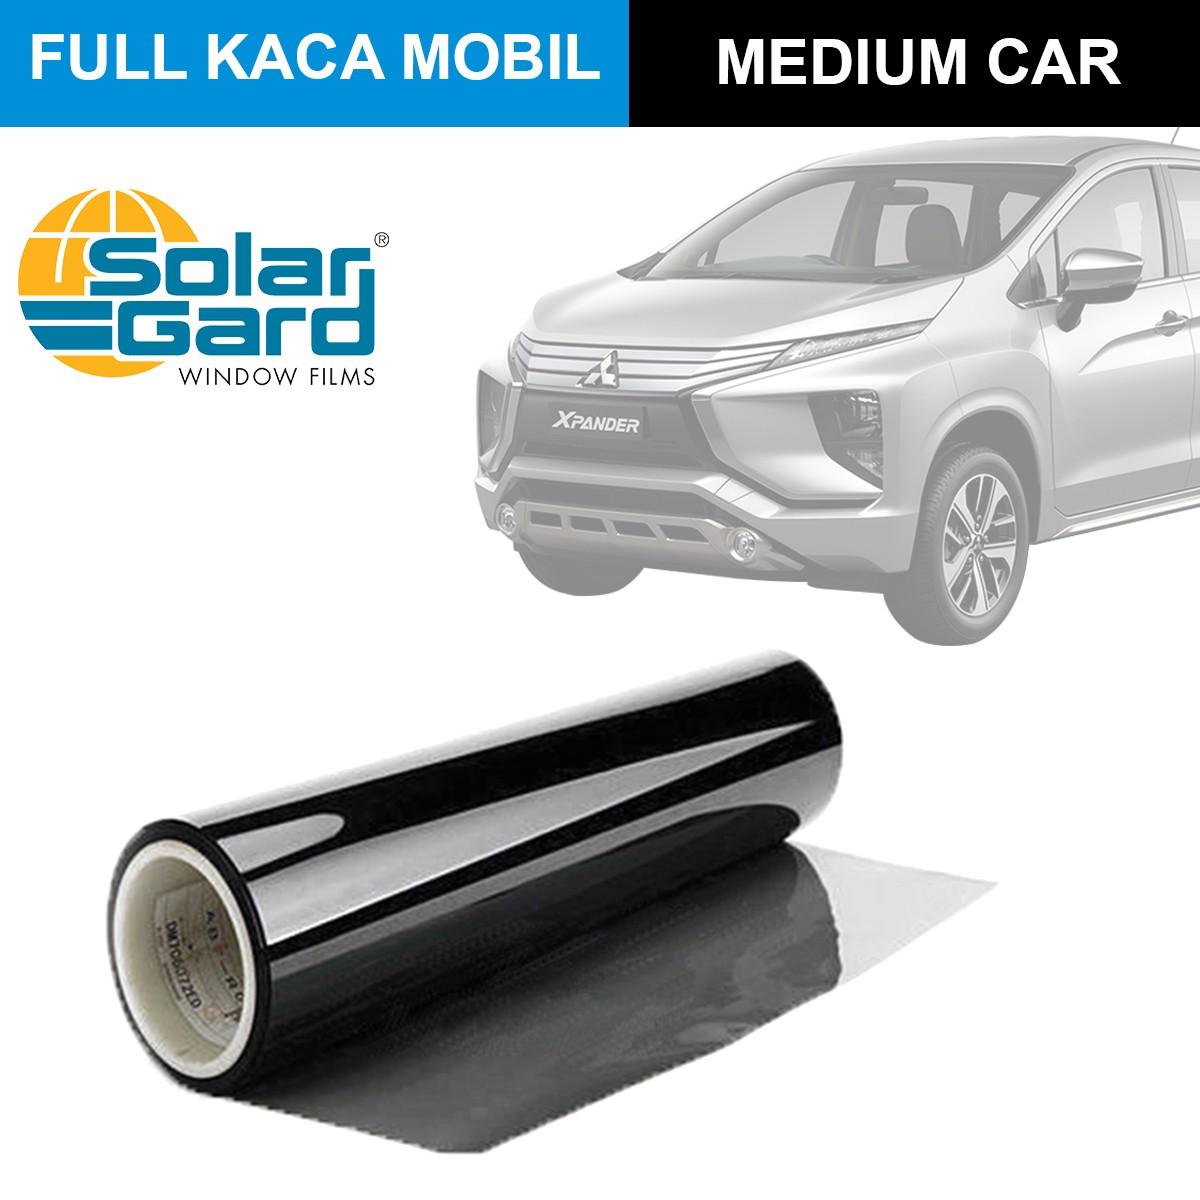 KACA FILM SOLAR GARD MOST FAMOUS - (MEDIUM CAR) FULL KACA